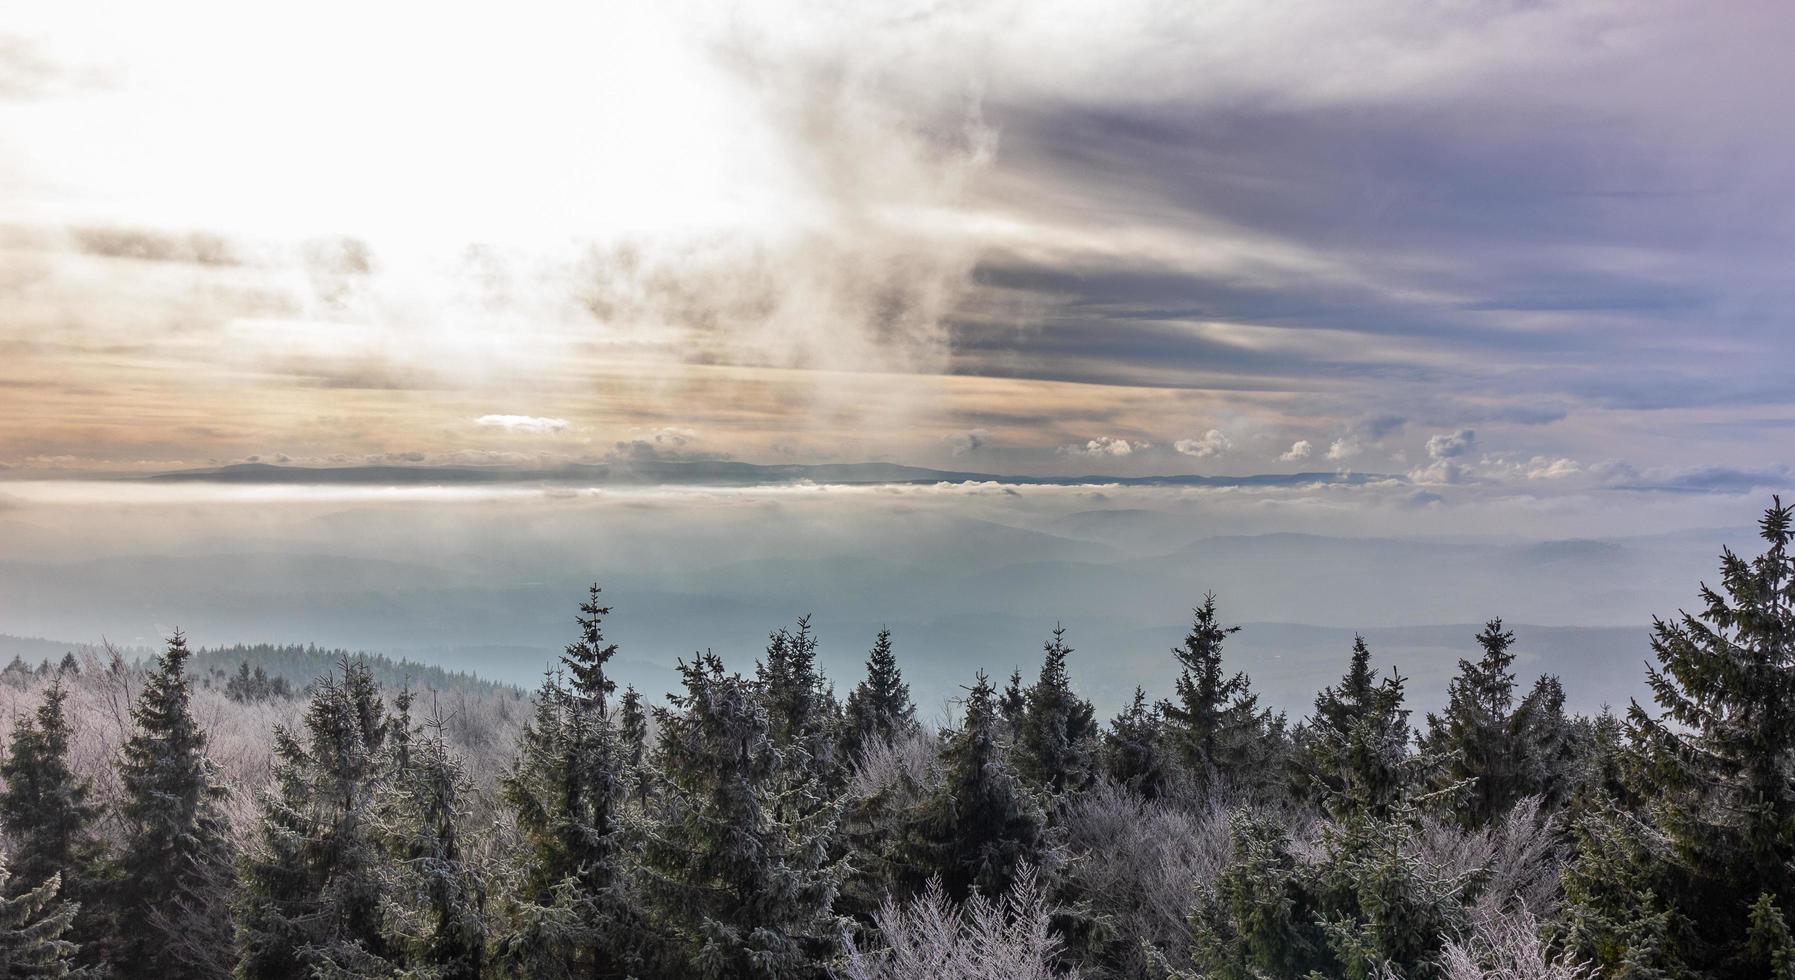 cielo invernale nella foresta foto